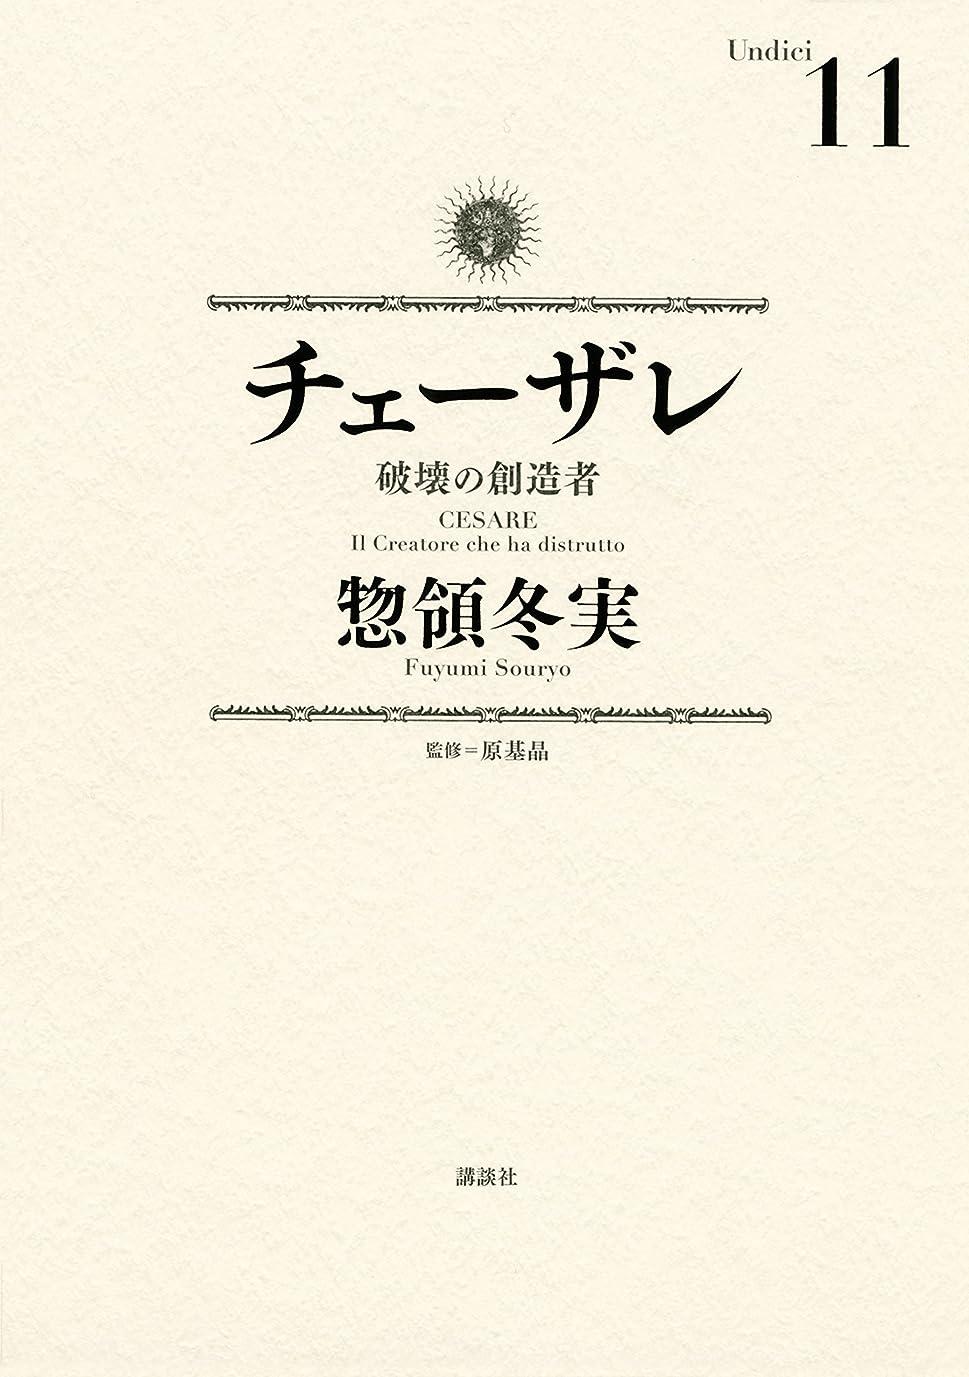 評議会枯渇する検証チェーザレ 破壊の創造者(11) (モーニングコミックス)